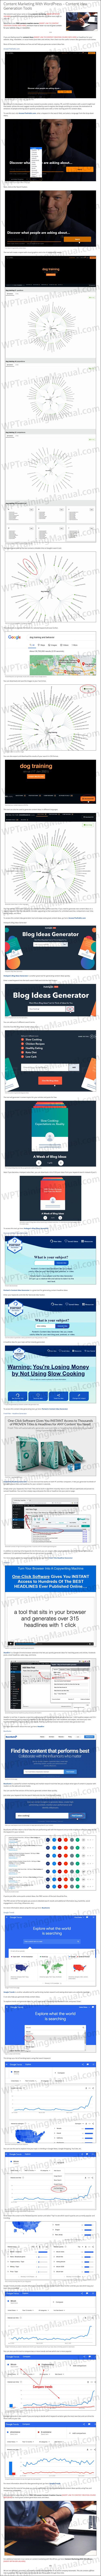 White Label Tutorial: Content Idea Generation Tools - WPTrainingManual.com